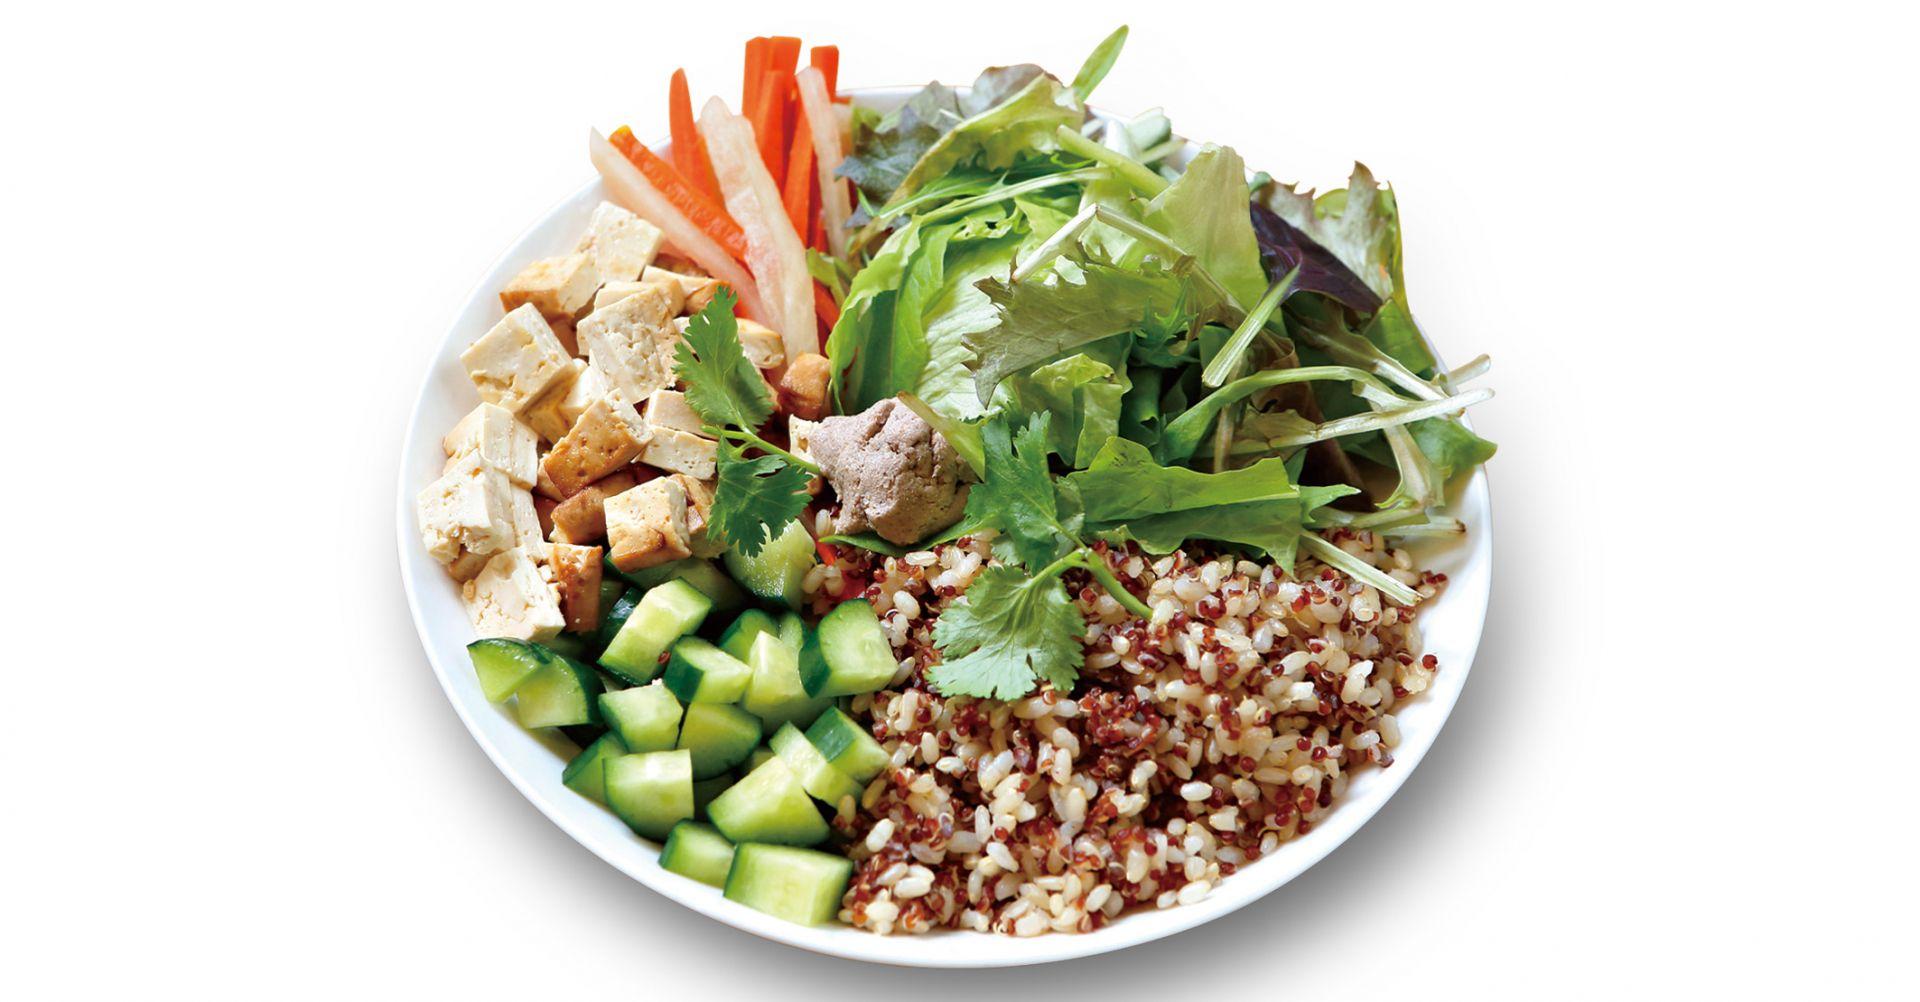 越式豆腐飯沙拉